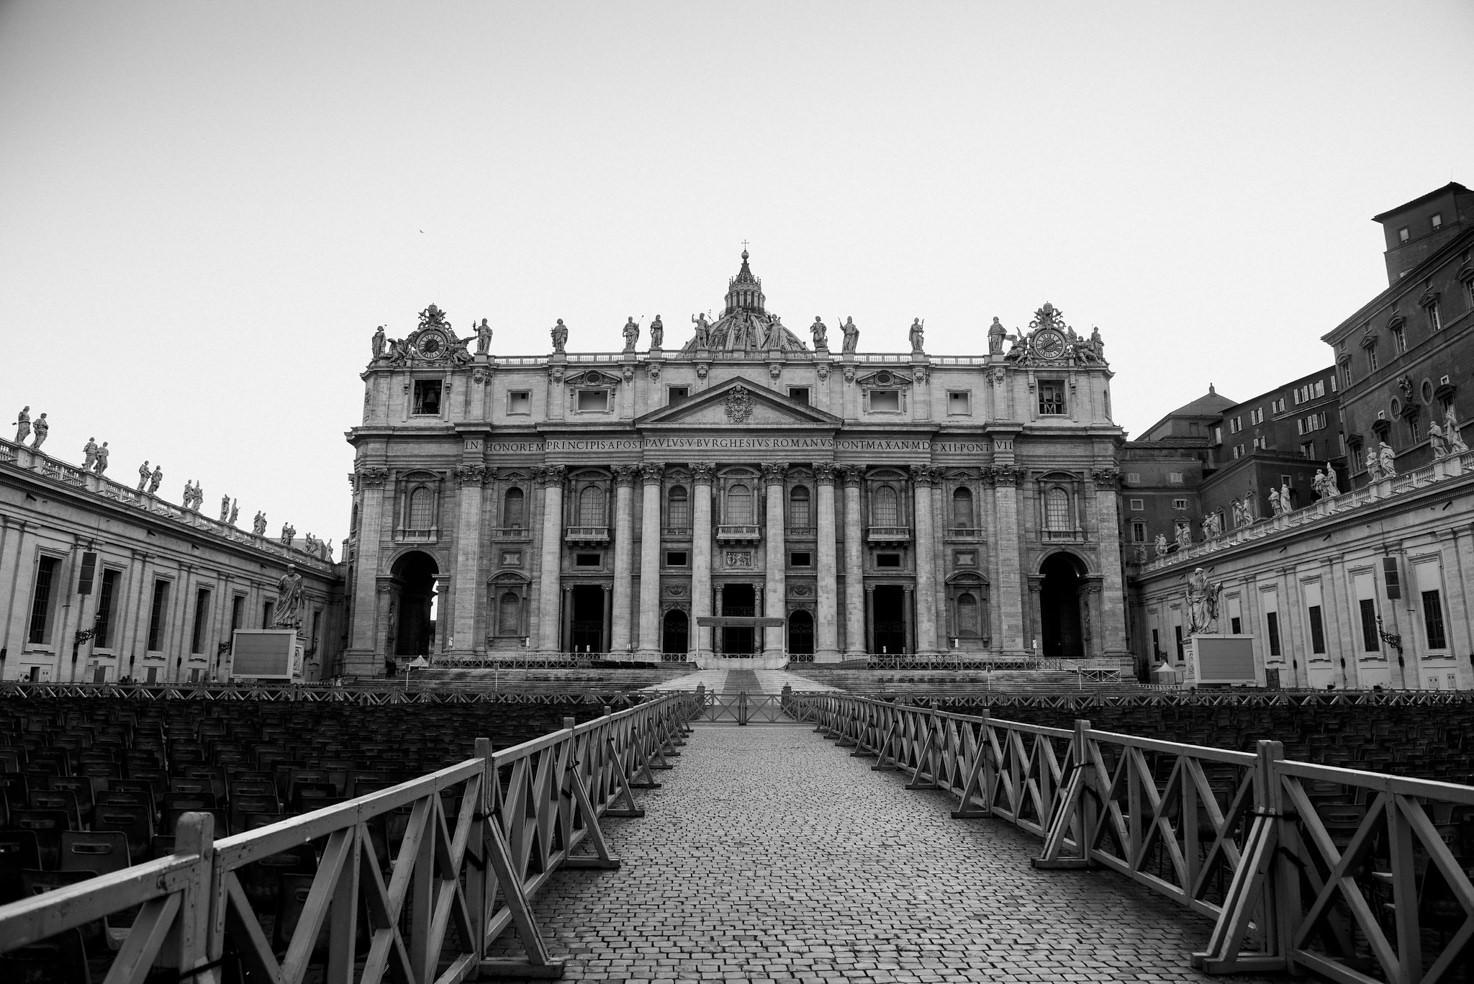 Façade of St. Peter's Basilica, Rome